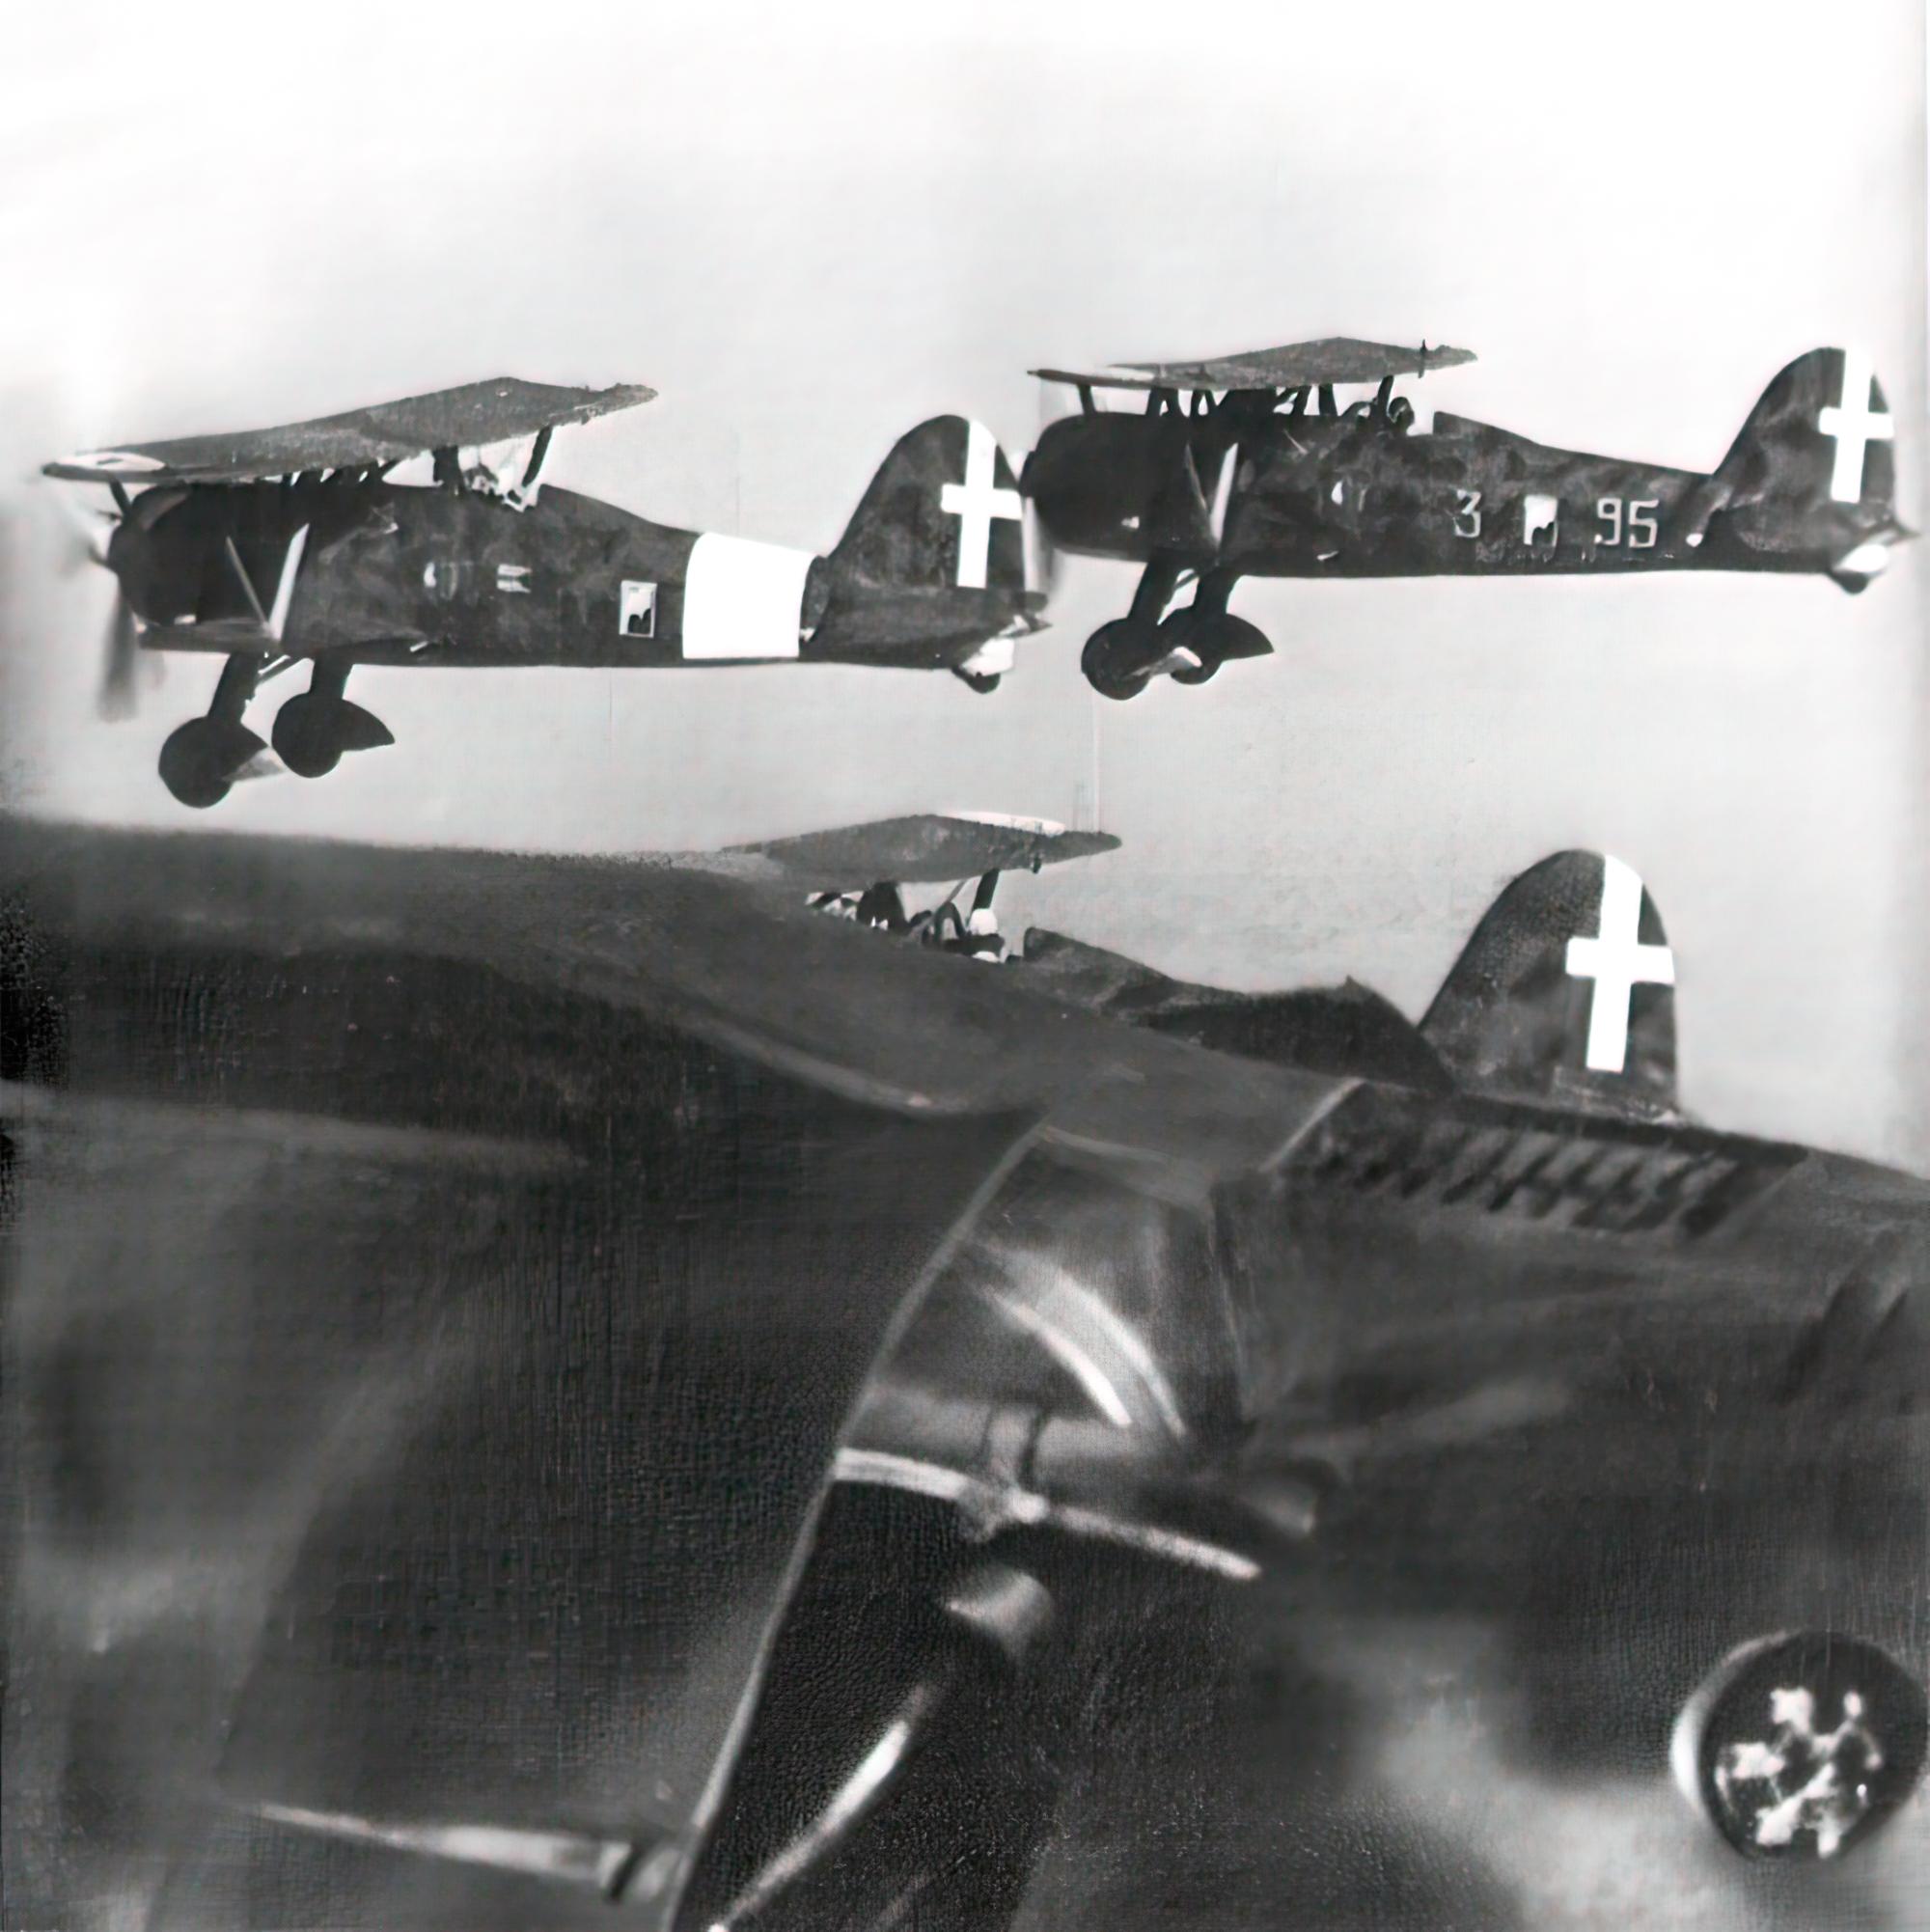 Fiat CR 42 Falco 18.JG56 18G56S85aSA 95 3 escort Fiat BR 20M to England 1940 01